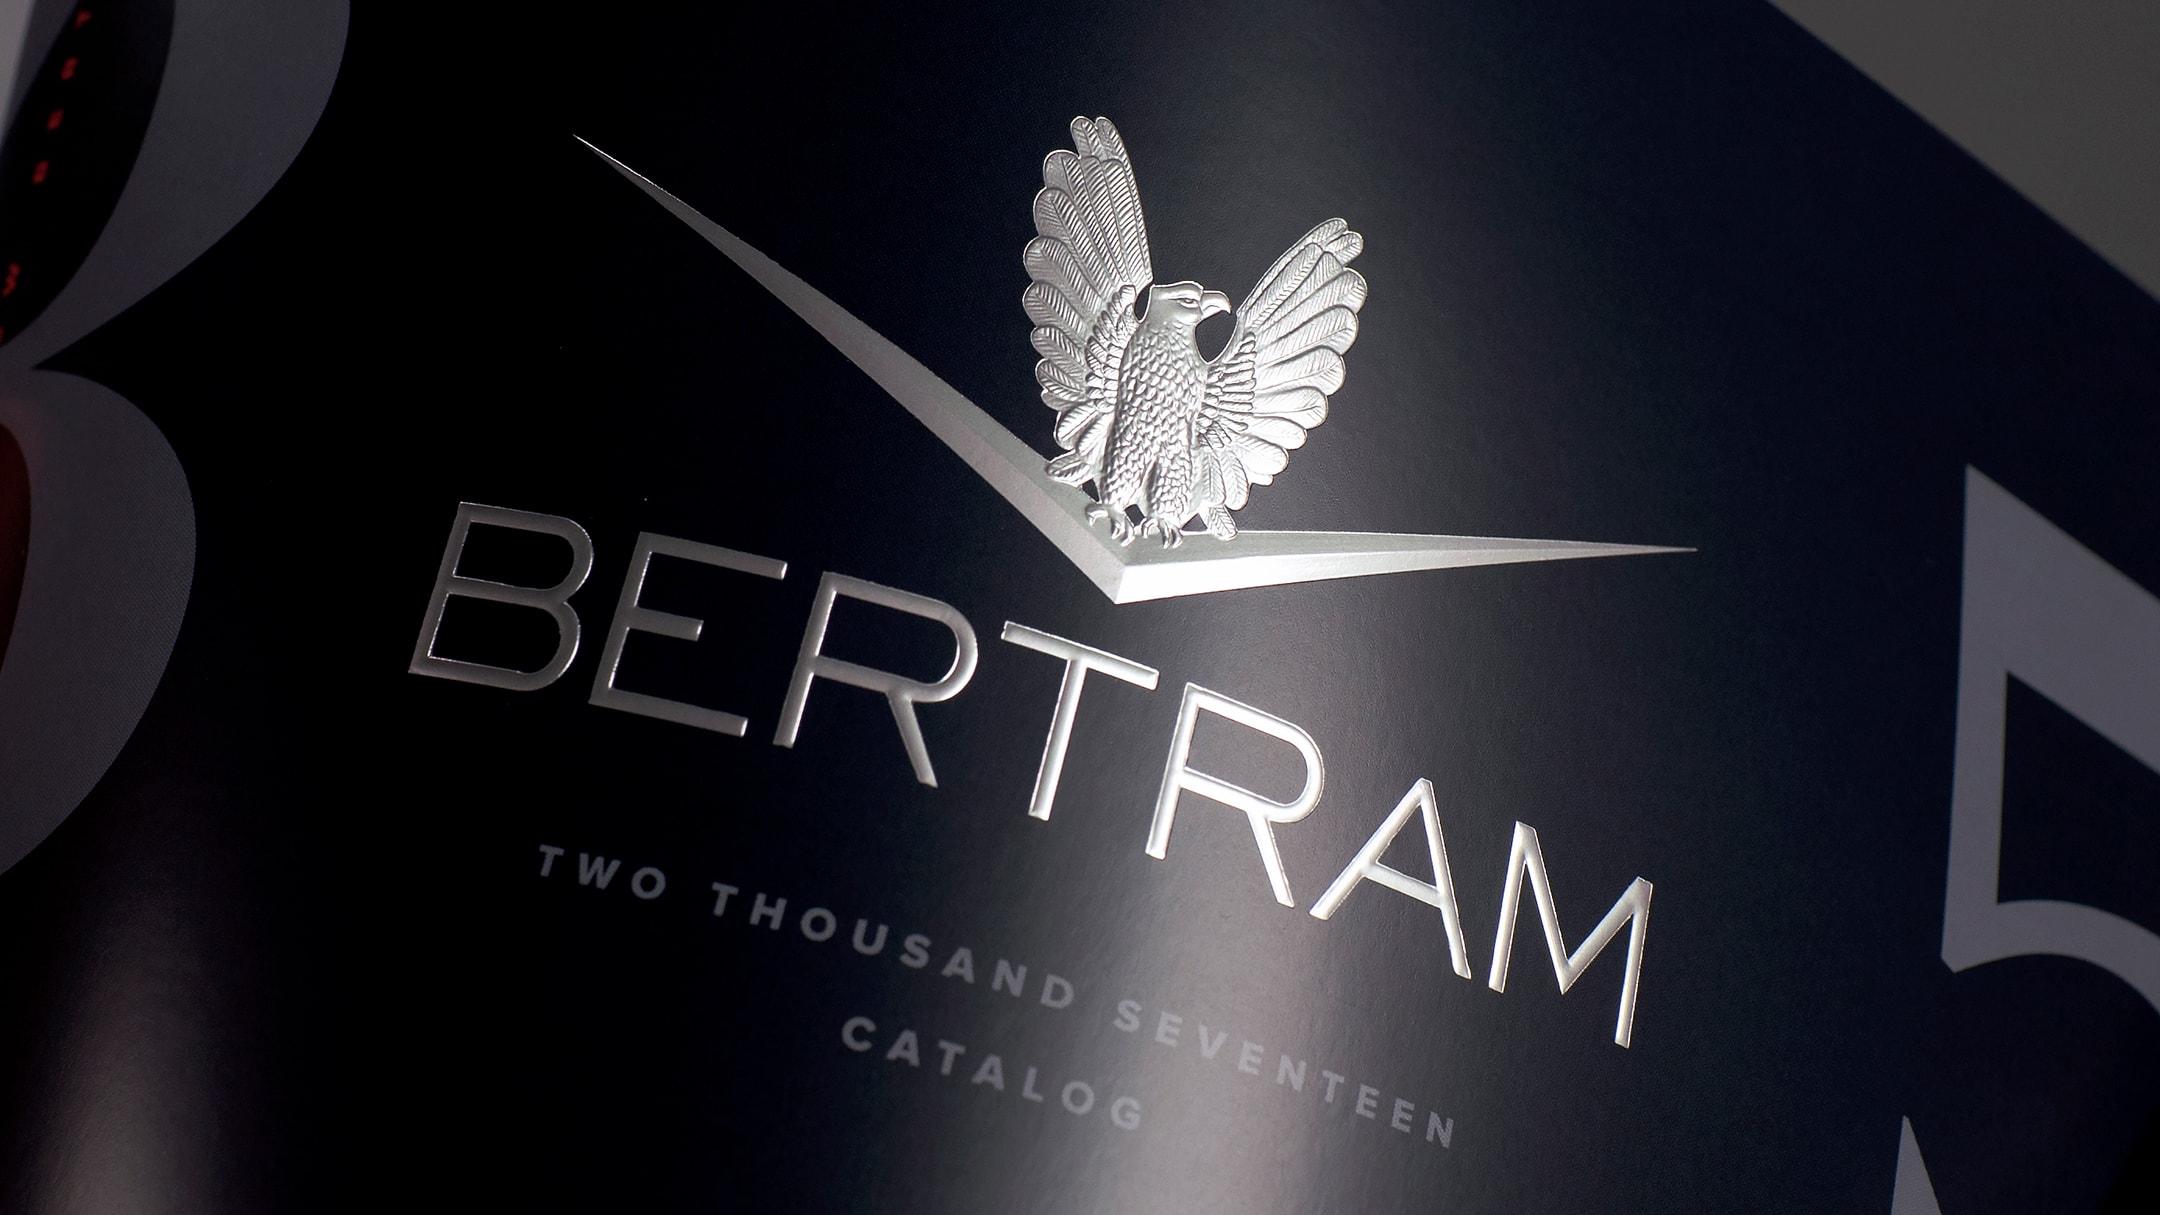 Bertram logo